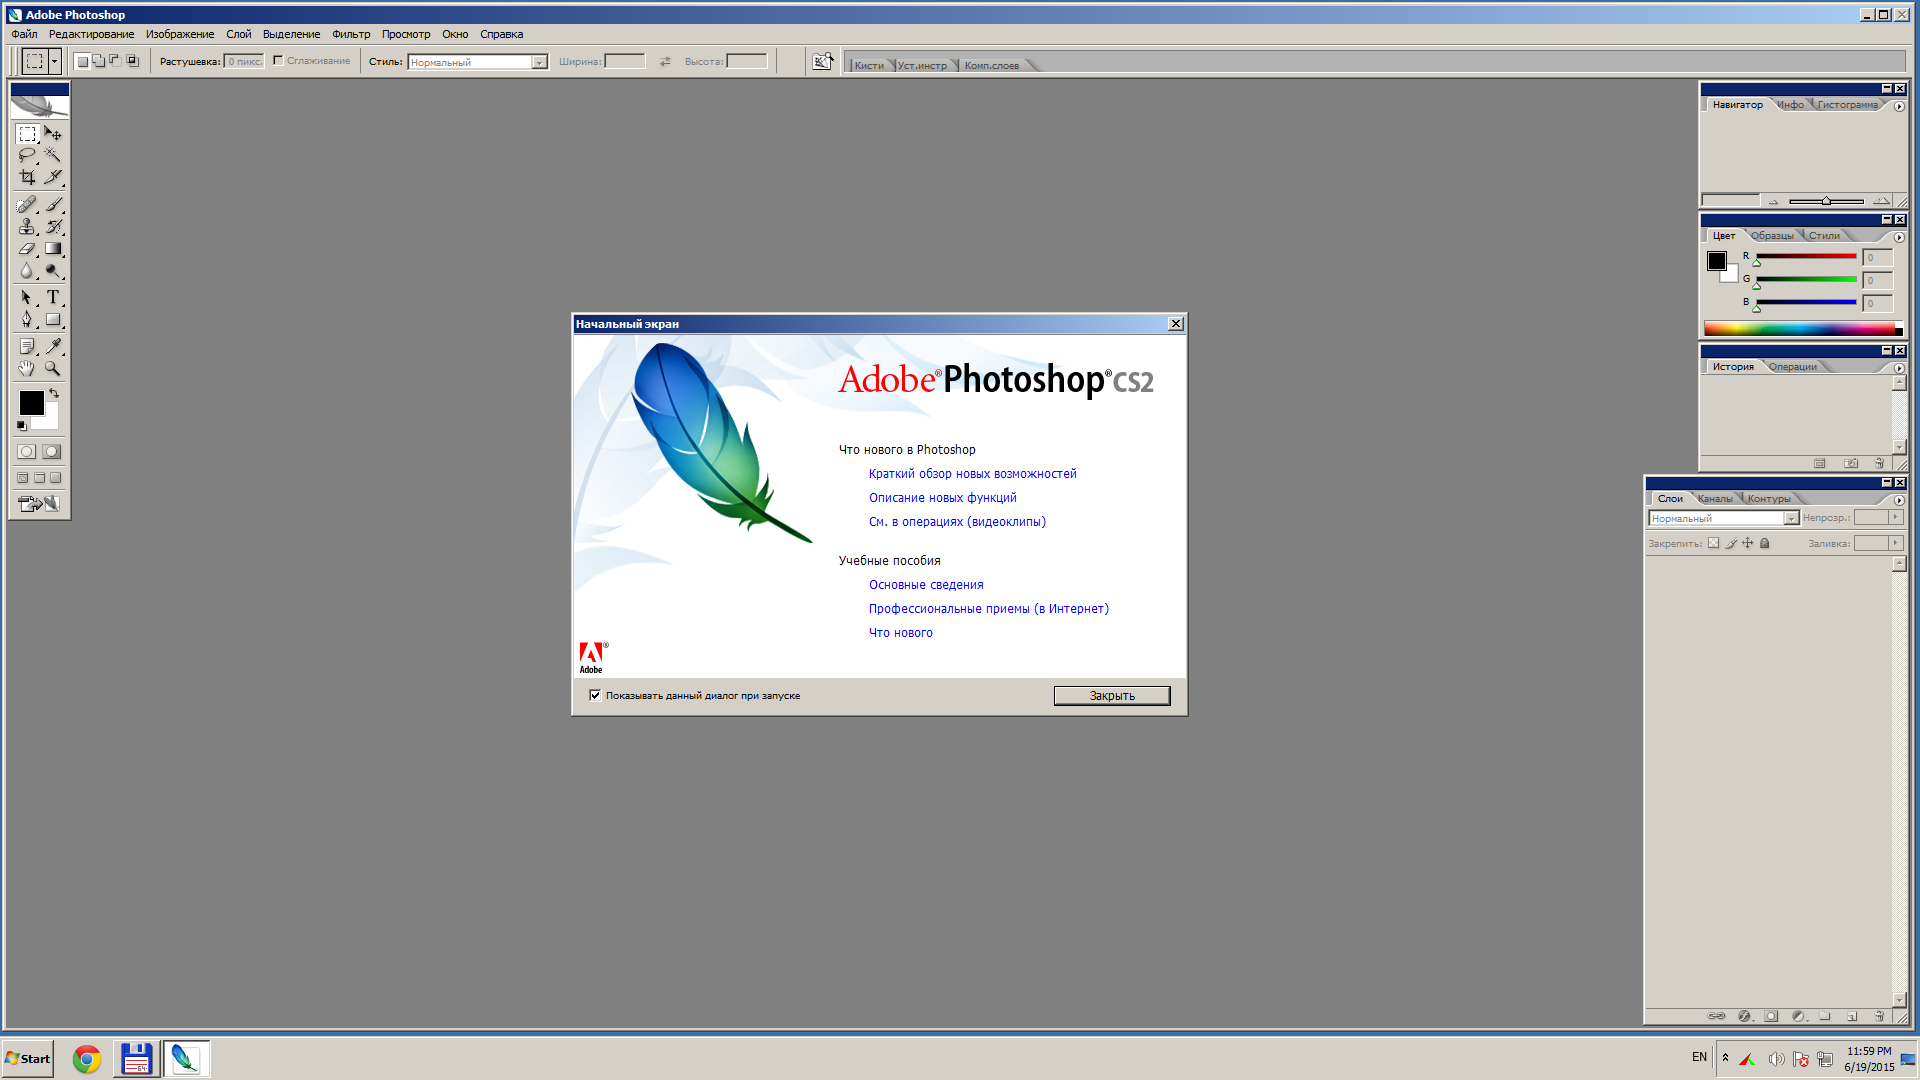 adobe photoshop cs2 paradox keygen